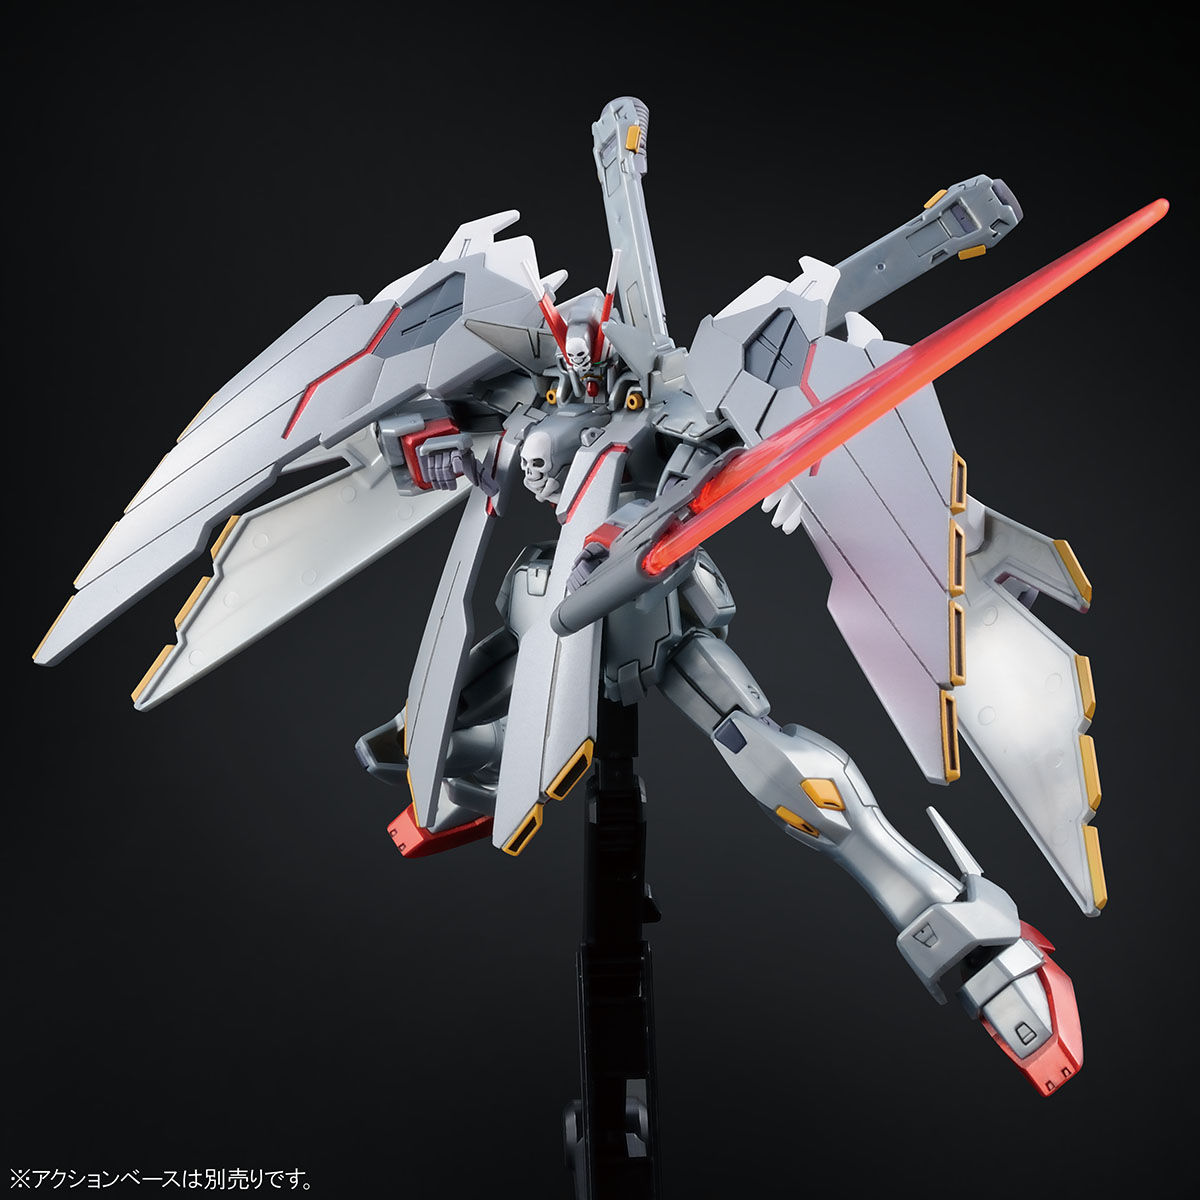 【限定販売】HG 1/144『クロスボーン・ガンダムX-0フルクロス』プラモデル-006